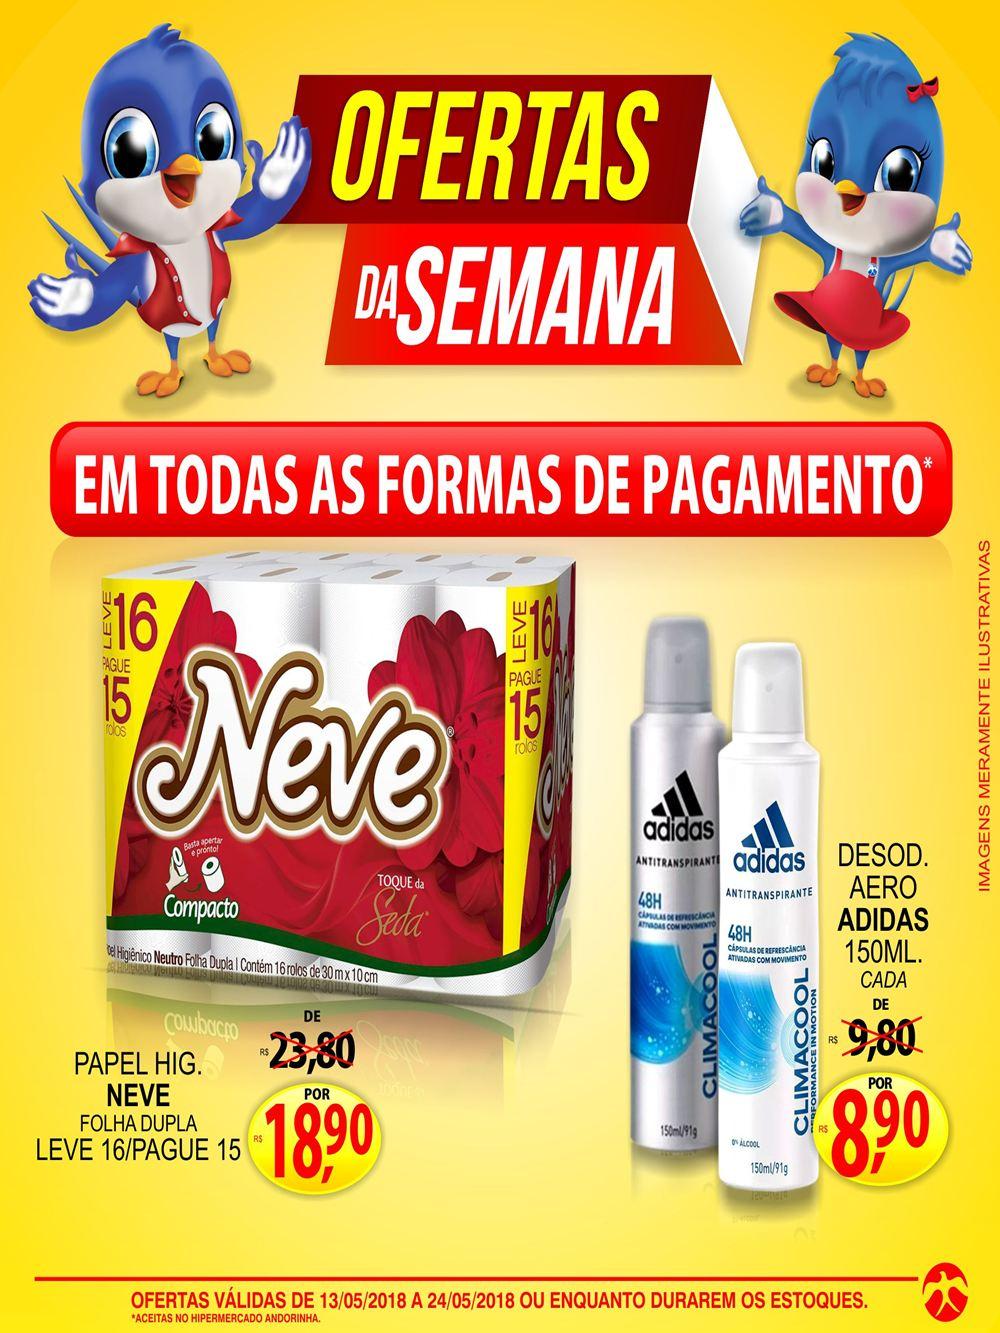 Ofertas-andorinha5-2 Andorinha até 24/05